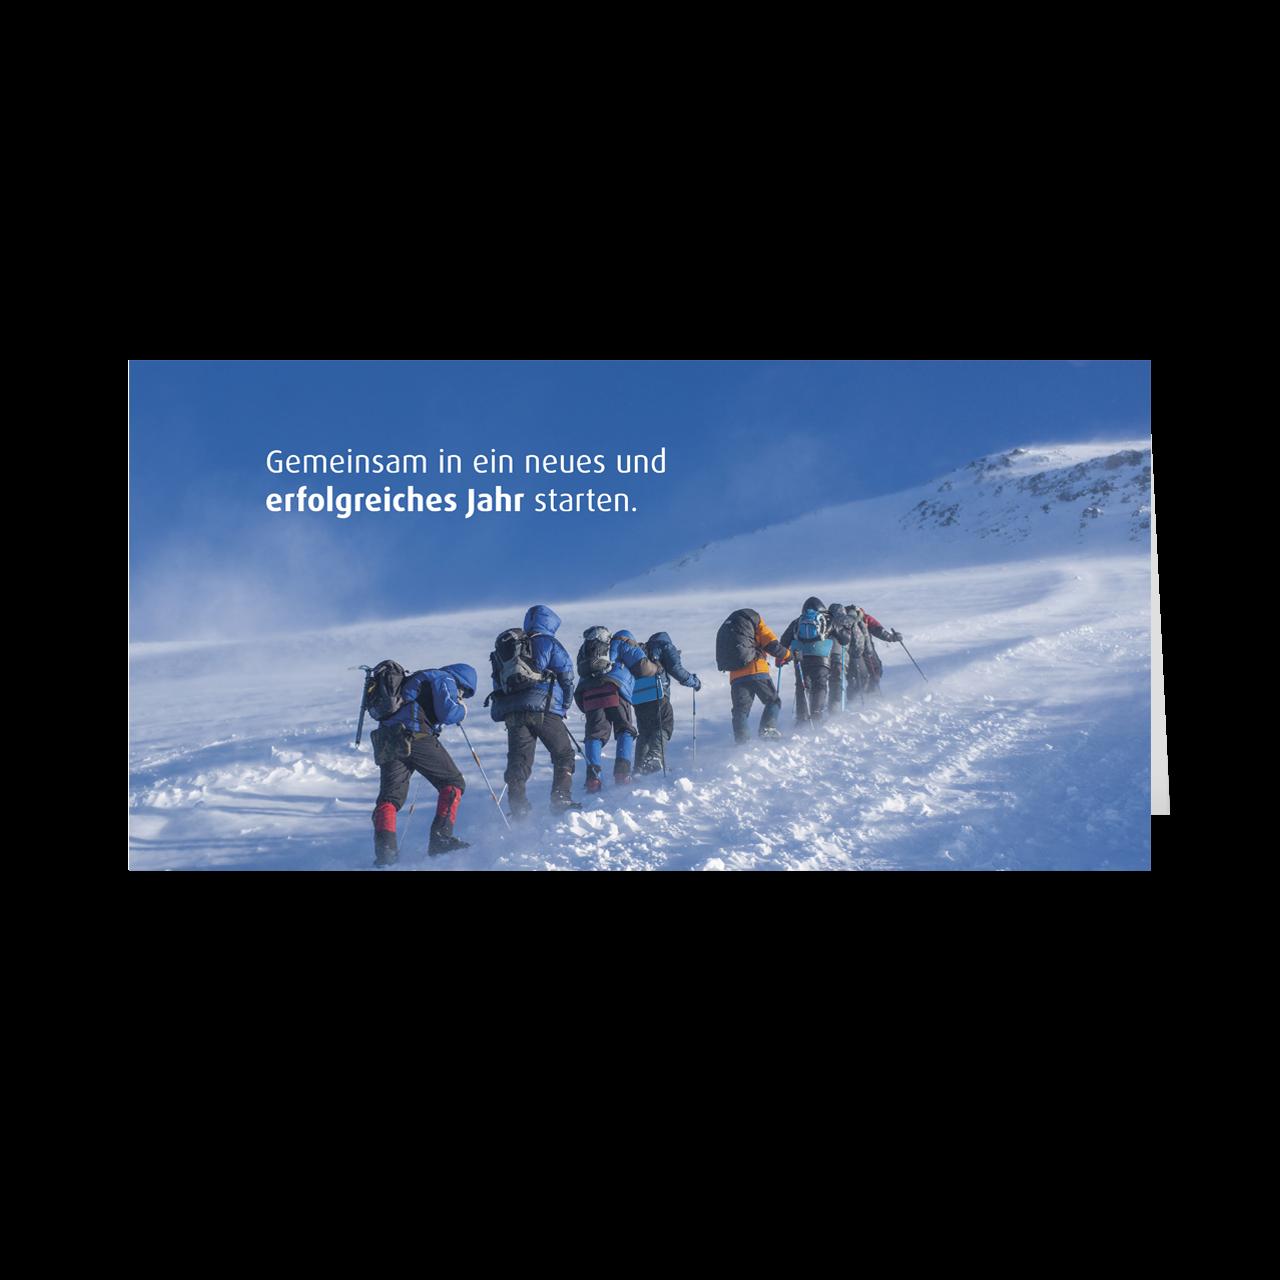 Gipfelstürmer - Kampfgeist